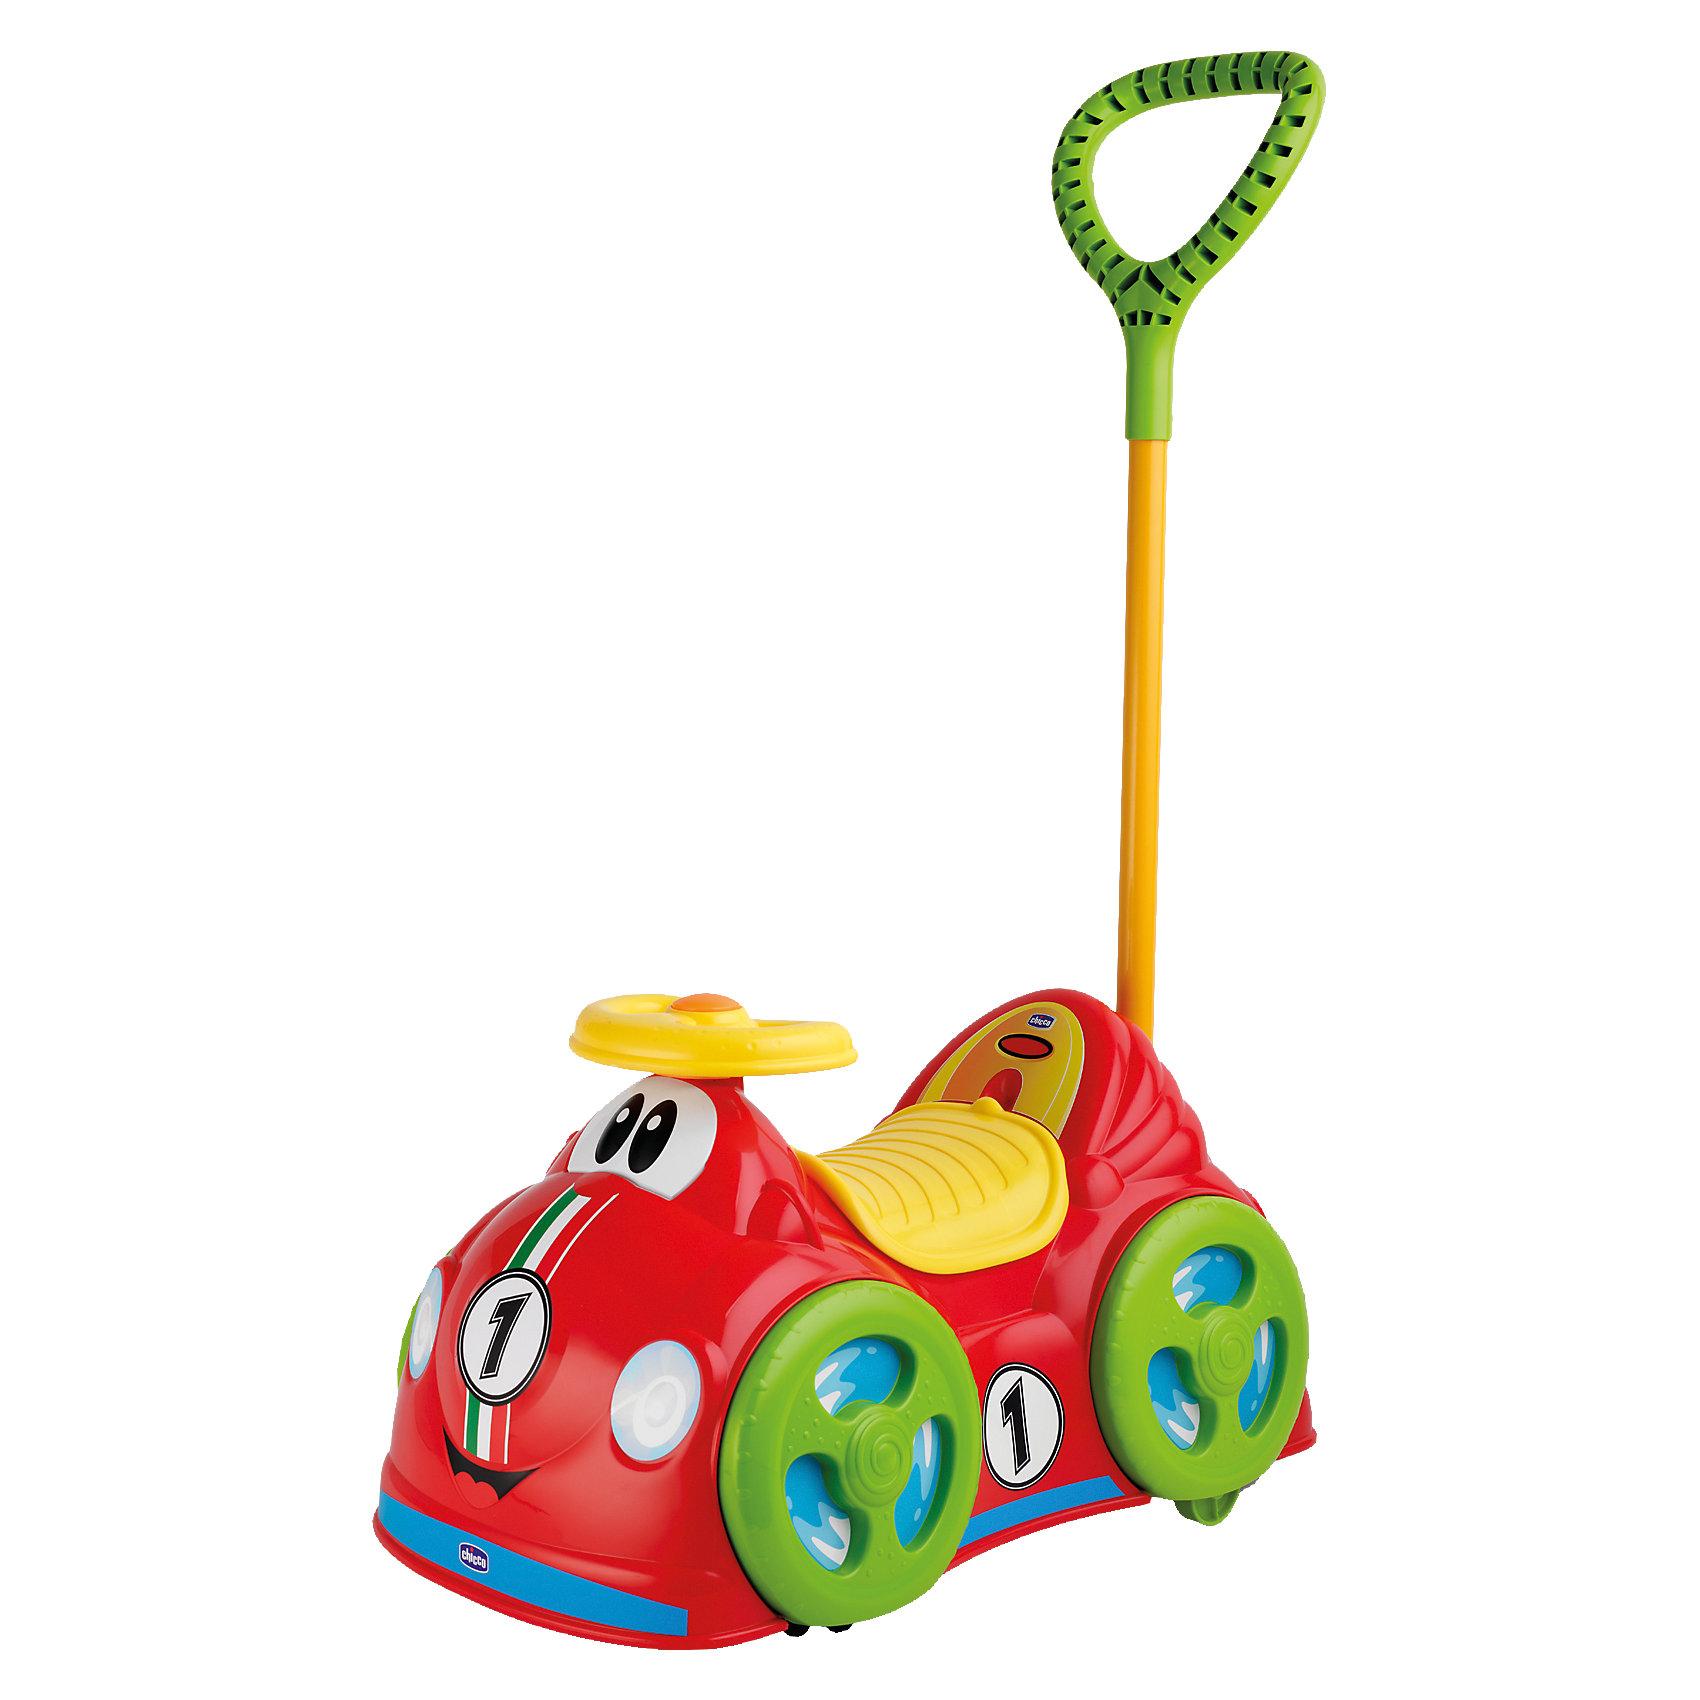 Каталка RIDE ON 360, CHICCOМашинки-каталки<br>Каталка RIDE ON 360, CHICCO (ЧИКО) – эта удобная яркая каталка вызовет восторг у вашего малыша.<br>Красочную каталку Ride On 360 от Chicco (Чико) можно использовать как дома, так и на улице. Игрушка имеет два способа применения: ее могут толкать взрослые, используя специальную ручку сзади, и малыш может самостоятельно ездить, отталкиваясь ножками. Ручка для родителей отсоединяется. Четыре поворотных колеса, способных вращаться на 360 градусов, обеспечат ребенку максимальную свободу движений, легкость в управлении и абсолютную безопасность. У каталки имеется вращающийся удобный руль, с большой кнопкой, издающей забавный и звонкий звук клаксона. Под сиденьем находится багажник для игрушек. Каталка выполнена в ярком и веселом стиле, а специальные стикеры, идущие в комплекте, делают ее еще более оригинальной. Каталка Ride On 360 отлично развивает координацию движения малыша и помогает ему познавать окружающий мир.<br><br>Дополнительная информация:<br><br>- Максимально допустимый вес: до 20 кг.<br>- Размер каталки: 51х31х27 см.<br>- Материал: пластик<br>- Батарейки: 3 типа АА (не входят в комплект)<br>- Размер упаковки: 52,3х30,3х28,3 см.<br>- Вес: 2,5 кг.<br><br>Каталку RIDE ON 360, CHICCO (ЧИКО) можно купить в нашем интернет-магазине.<br><br>Ширина мм: 523<br>Глубина мм: 289<br>Высота мм: 292<br>Вес г: 2423<br>Возраст от месяцев: 12<br>Возраст до месяцев: 36<br>Пол: Унисекс<br>Возраст: Детский<br>SKU: 3943216